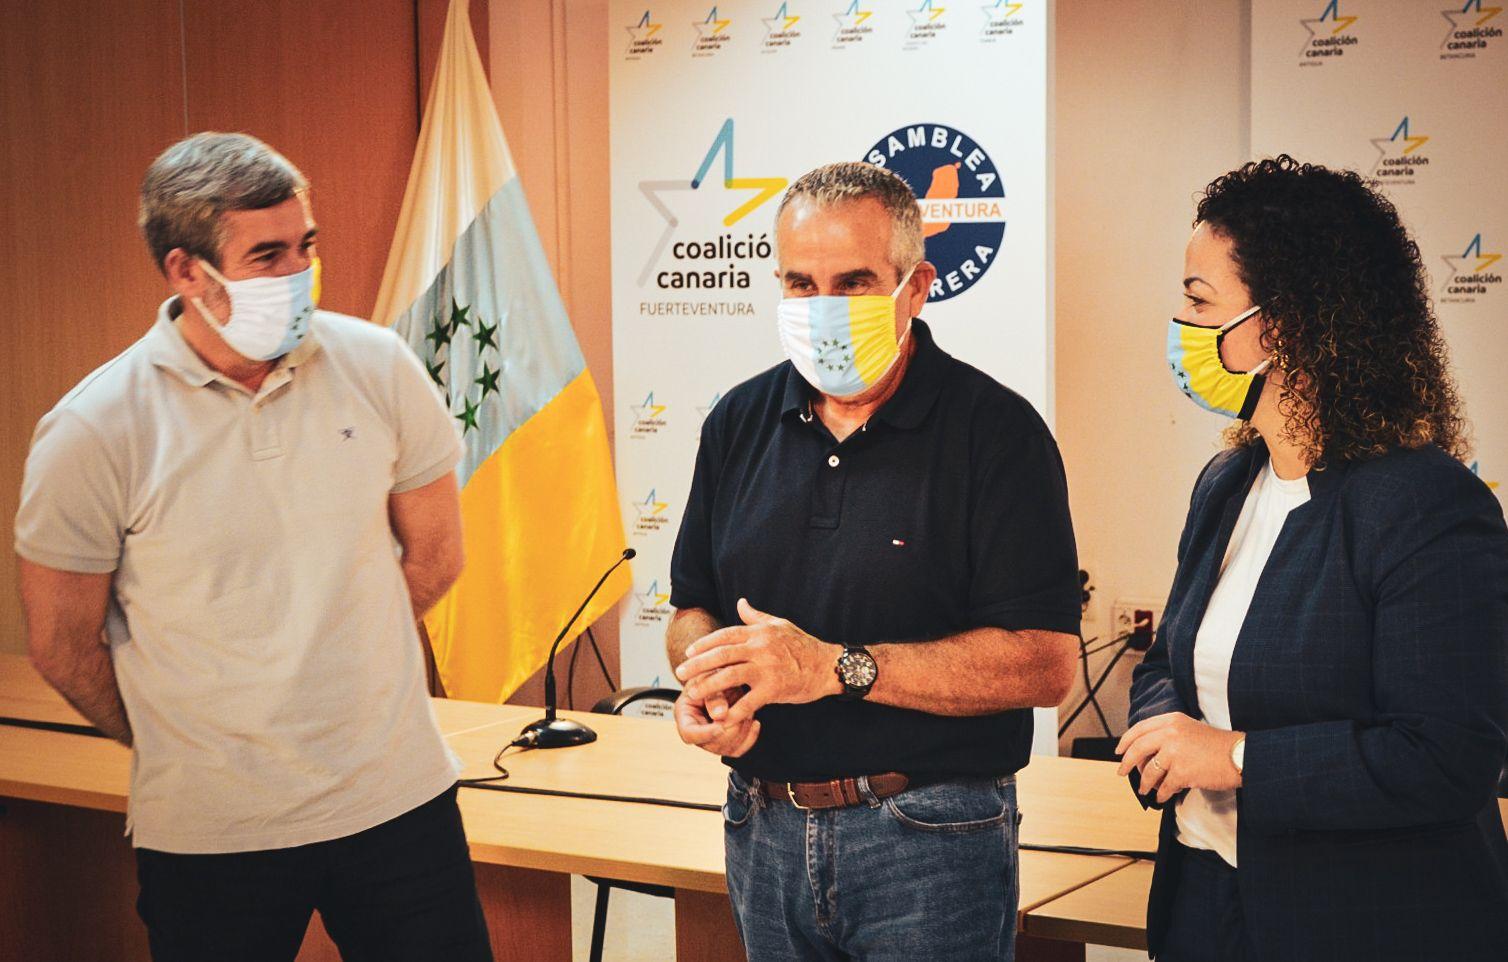 V Congreso de Coalición Canaria en Fuerteventura